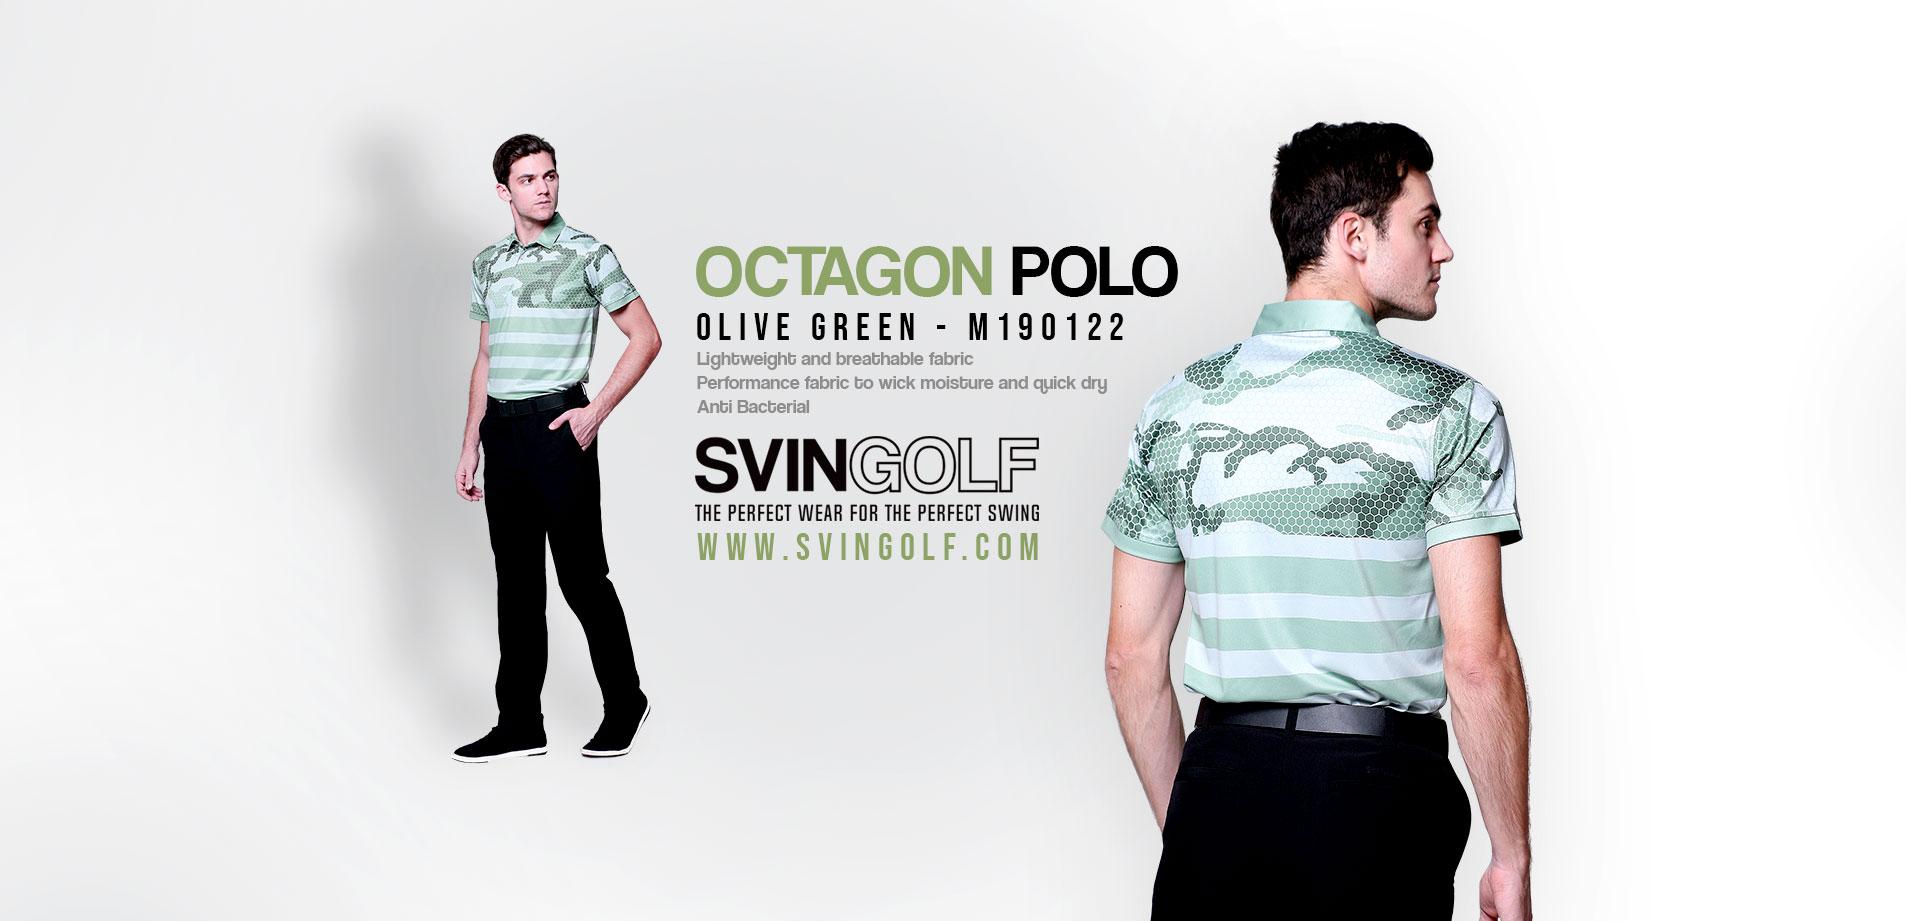 OCTAGON POLO